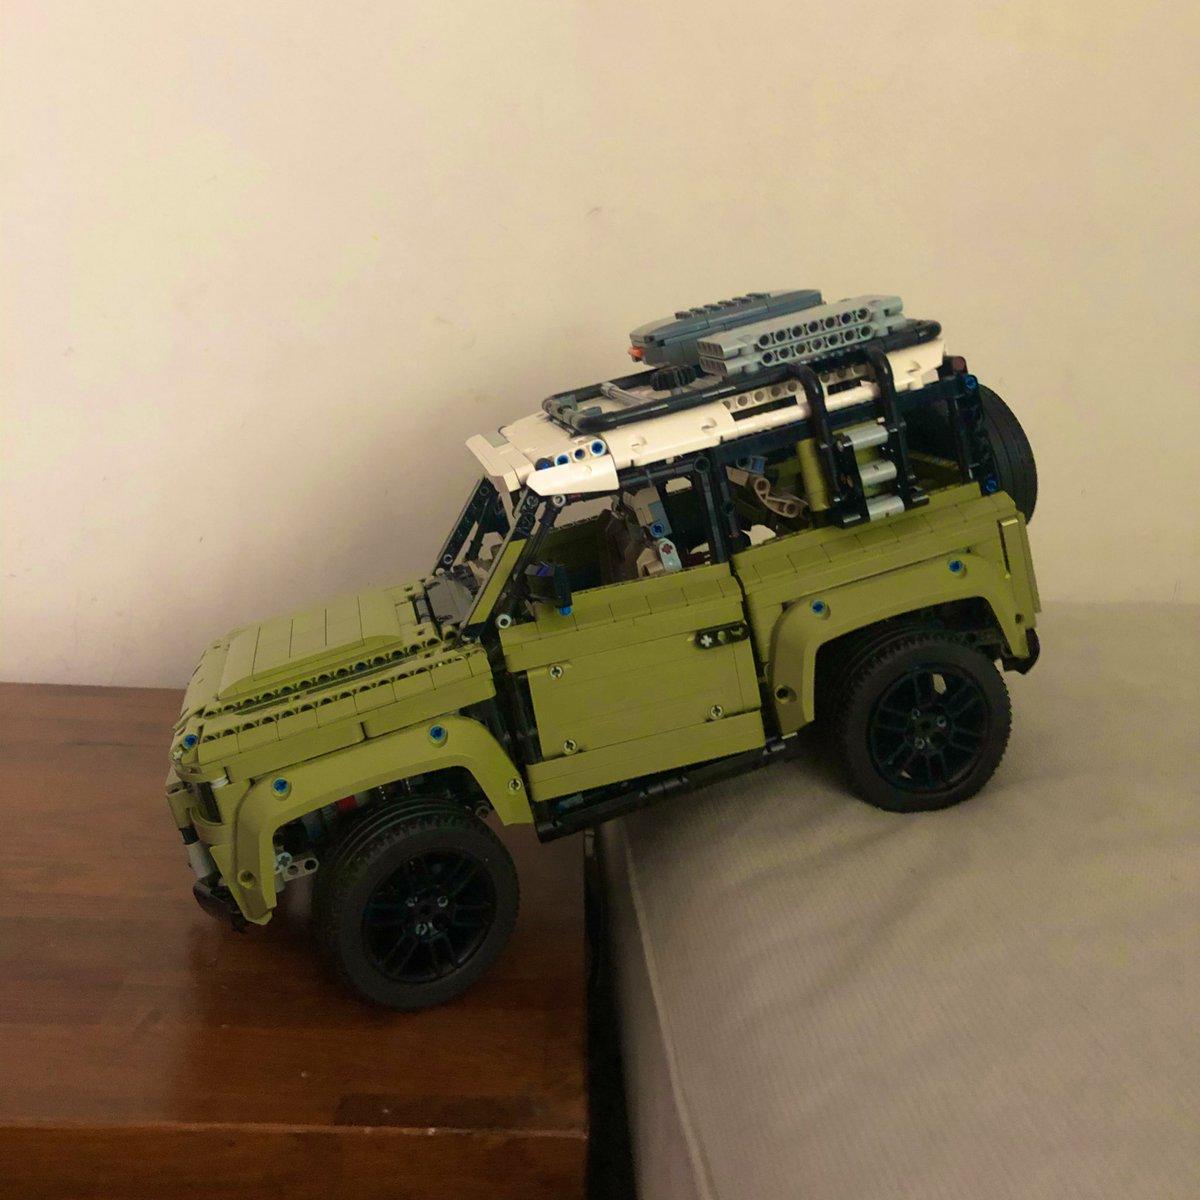 Hazır Yeni Land Rover Defender gündem olmuşken Lego Technic 42110 videomu hatırlatayım: https://t.co/eVyWx3eTEc #LandRover #YeniDefender #BorusanOtomotiv #LegoTechnic #YouTube @LandRover_TR @YouTube @borusanotomotiv https://t.co/3HekHHJJFv